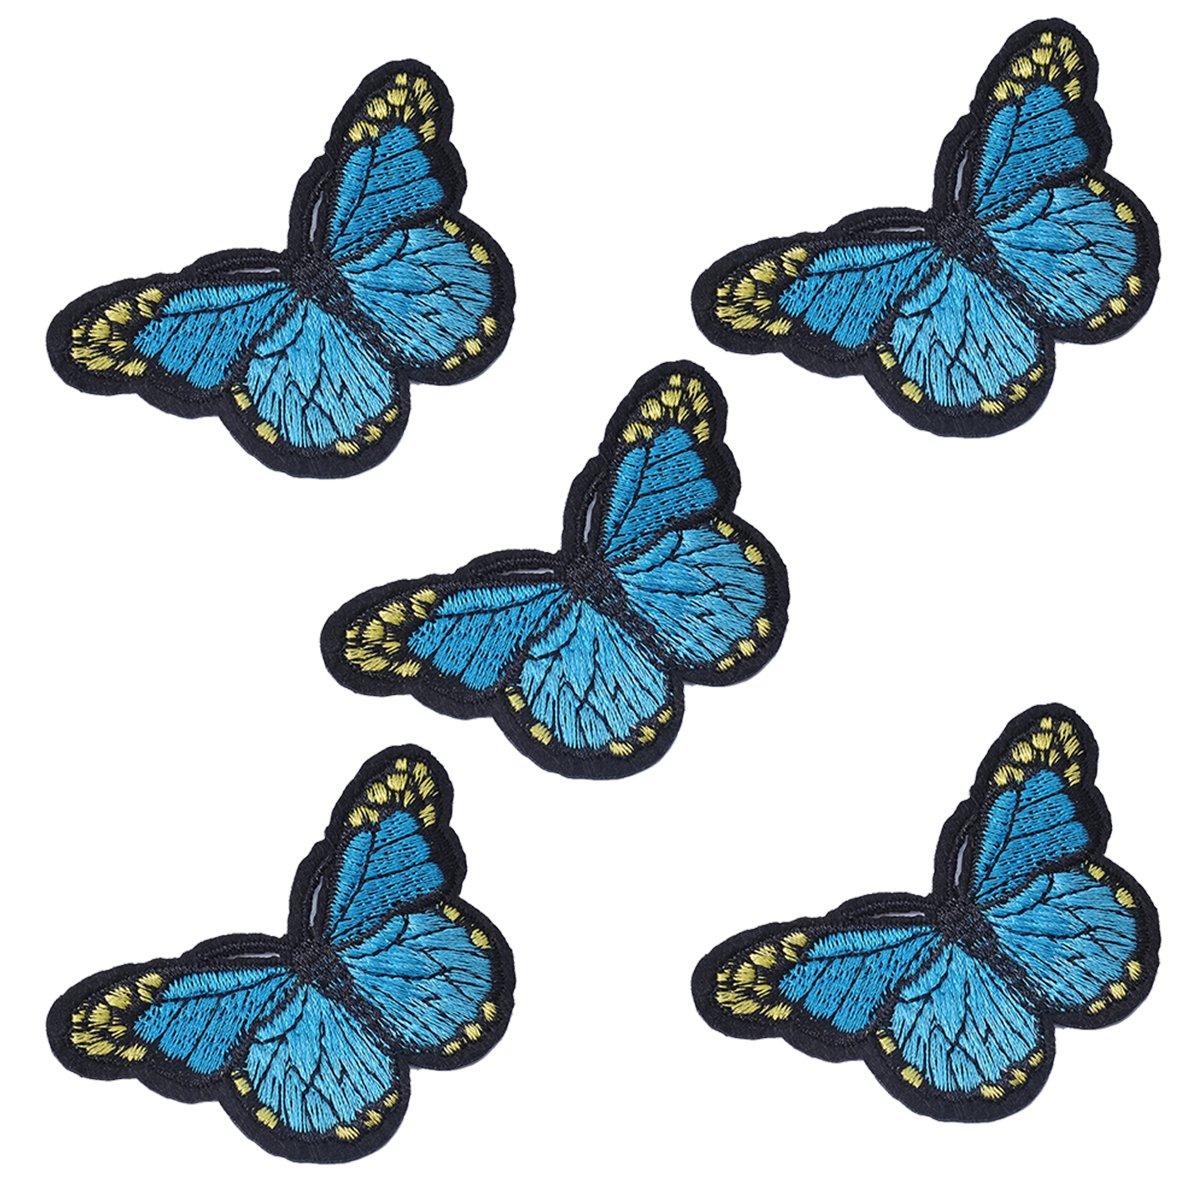 5Stk Flicken Aufb/ügelbilder Aufn/äher Applikation Schmetterling form Stickerei Patch